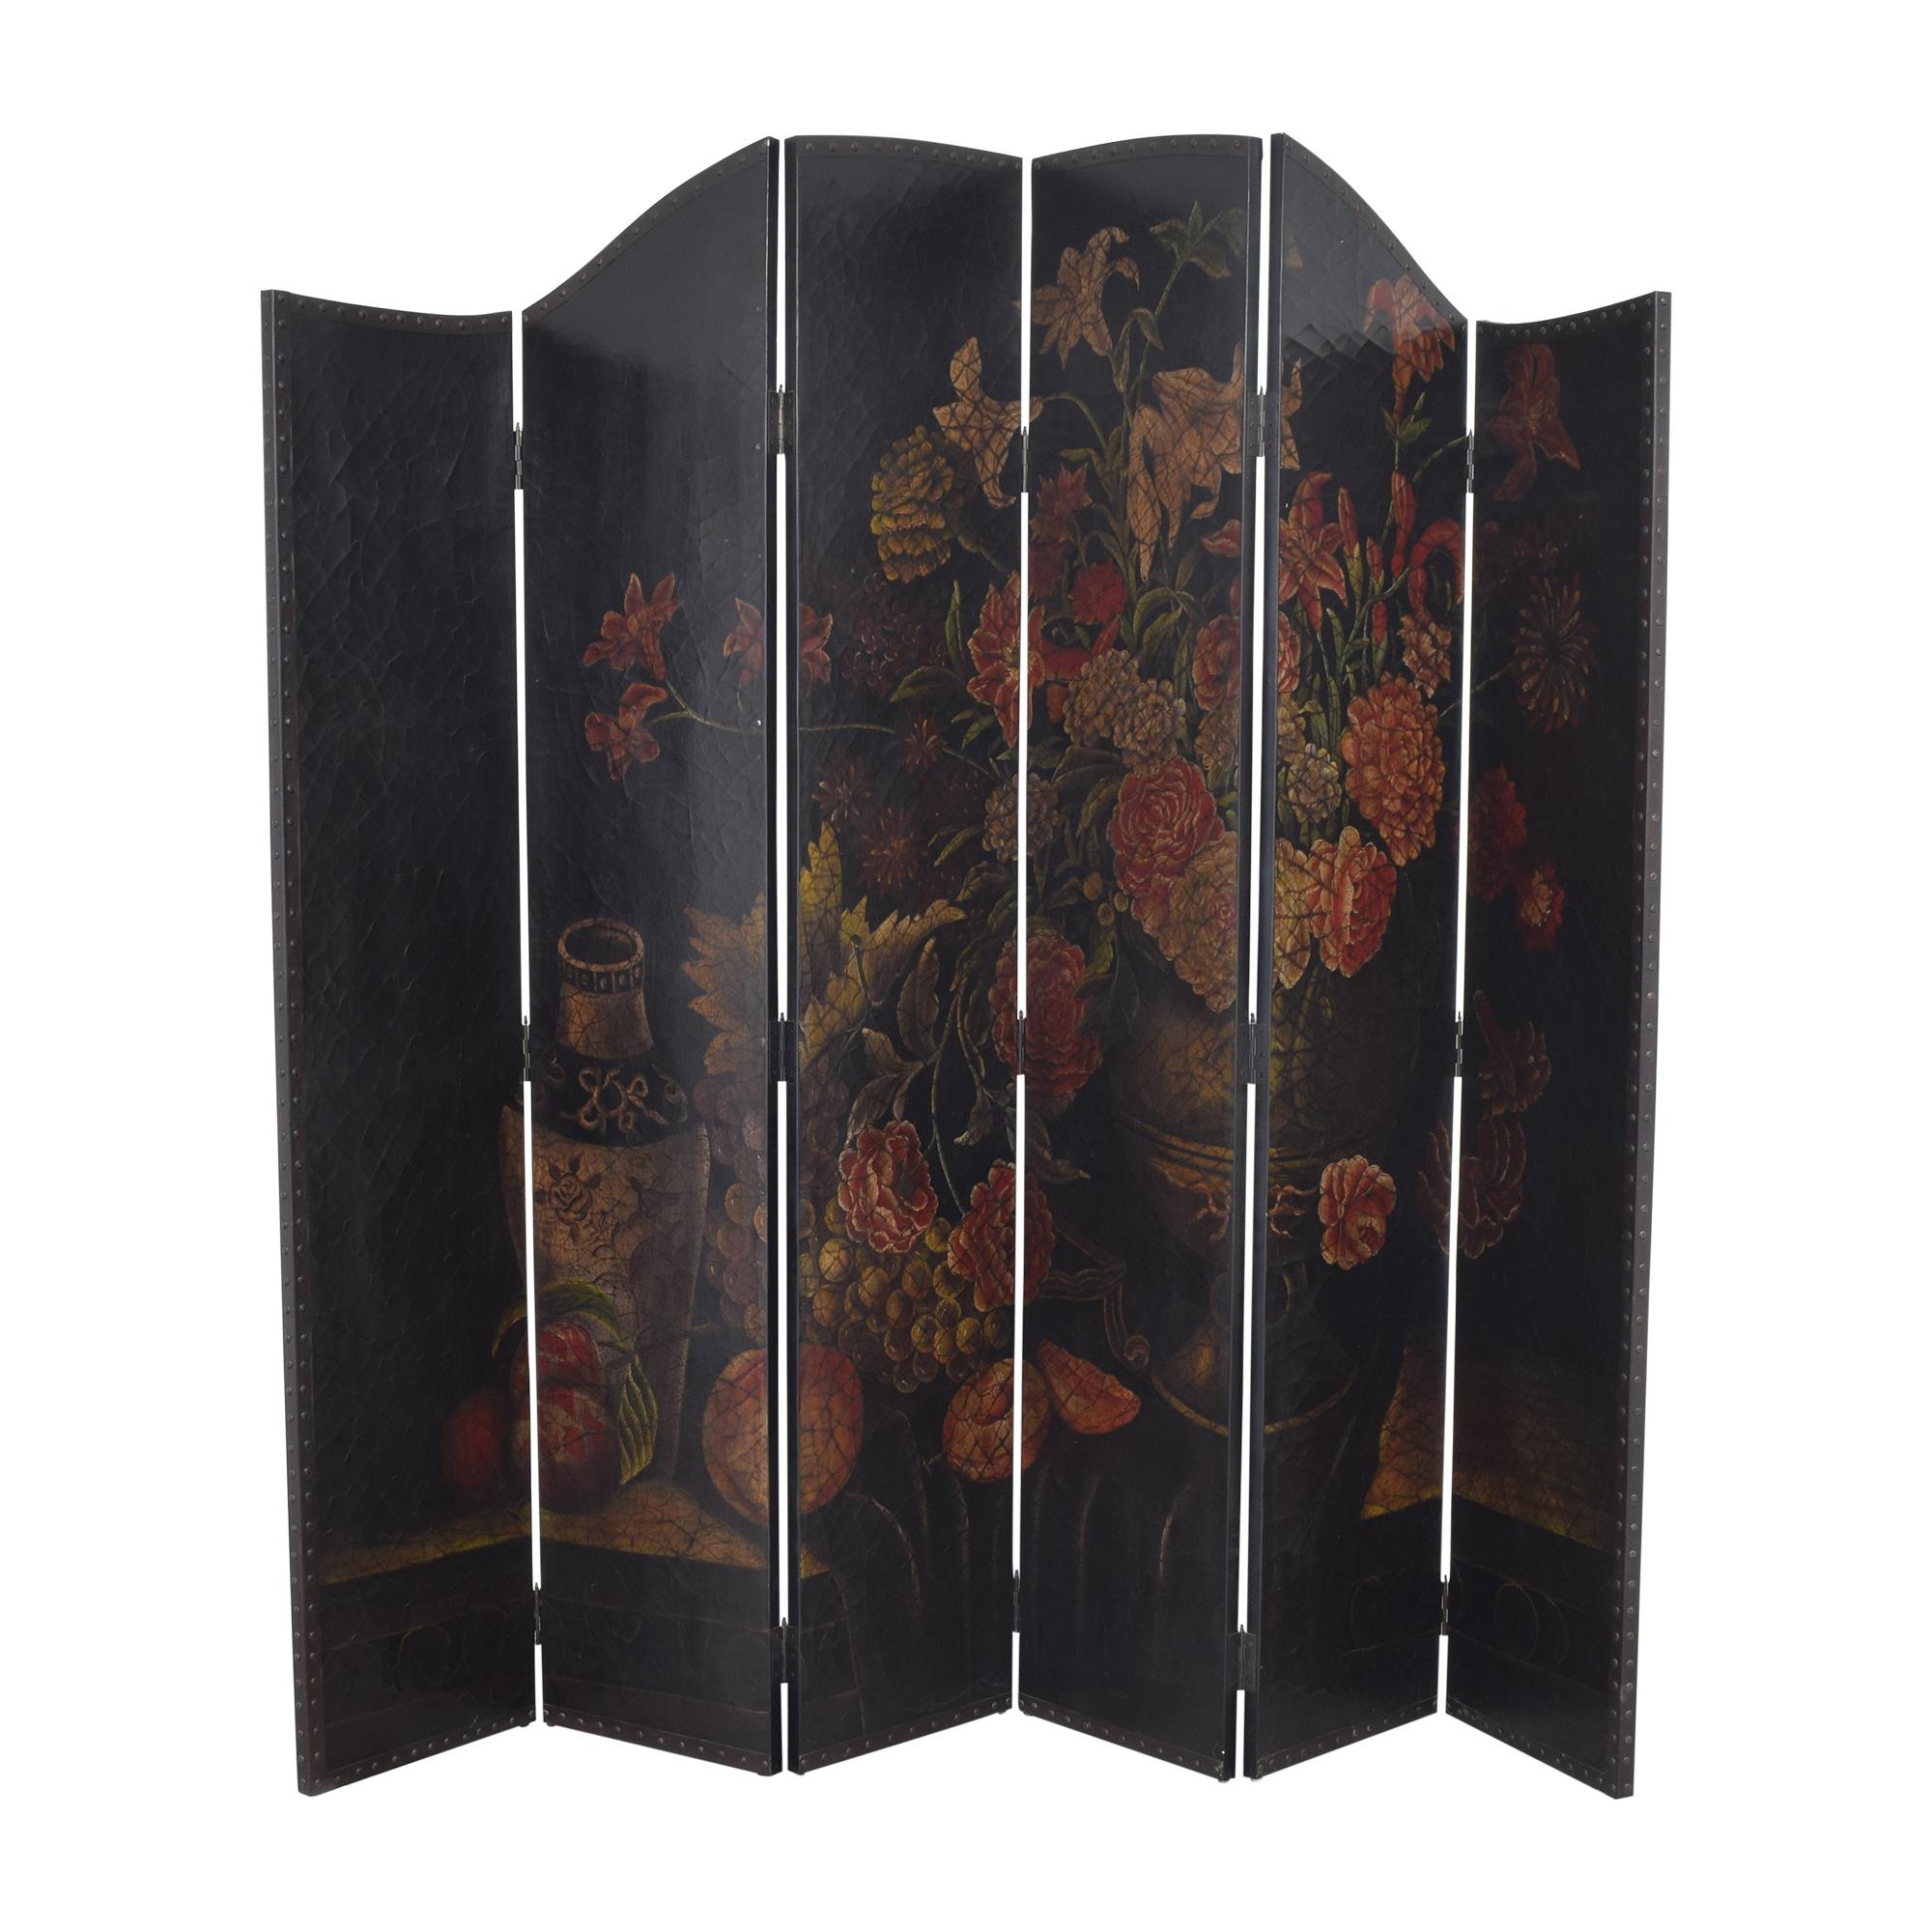 Arhaus Floral Folding Screen / Dividers